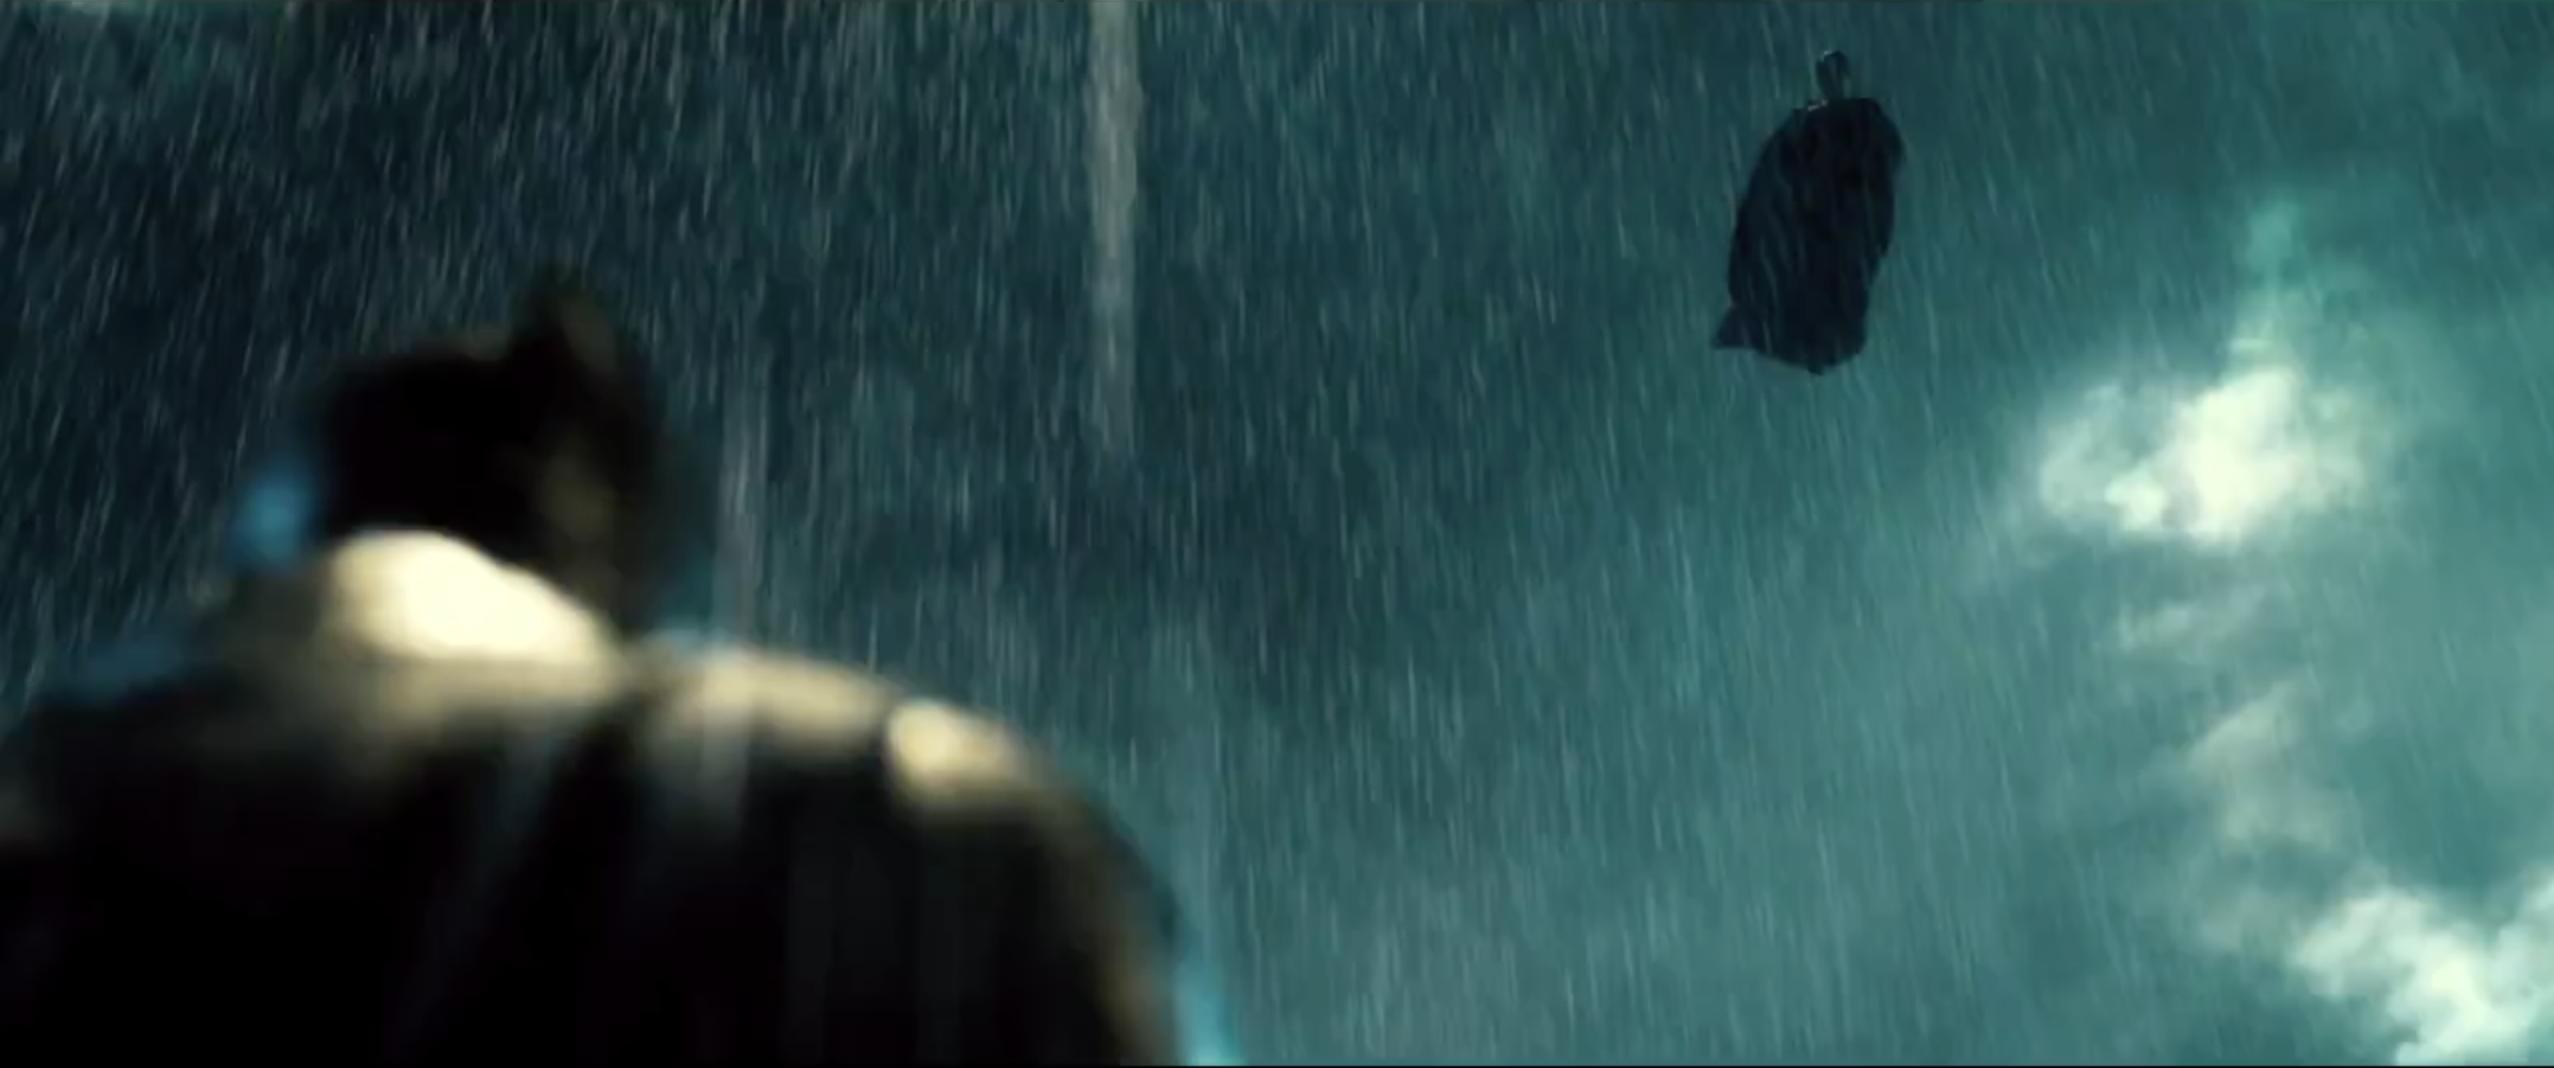 Batman v Superman: Dawn of Justice: un'immagine suggestiva dal trailer del film